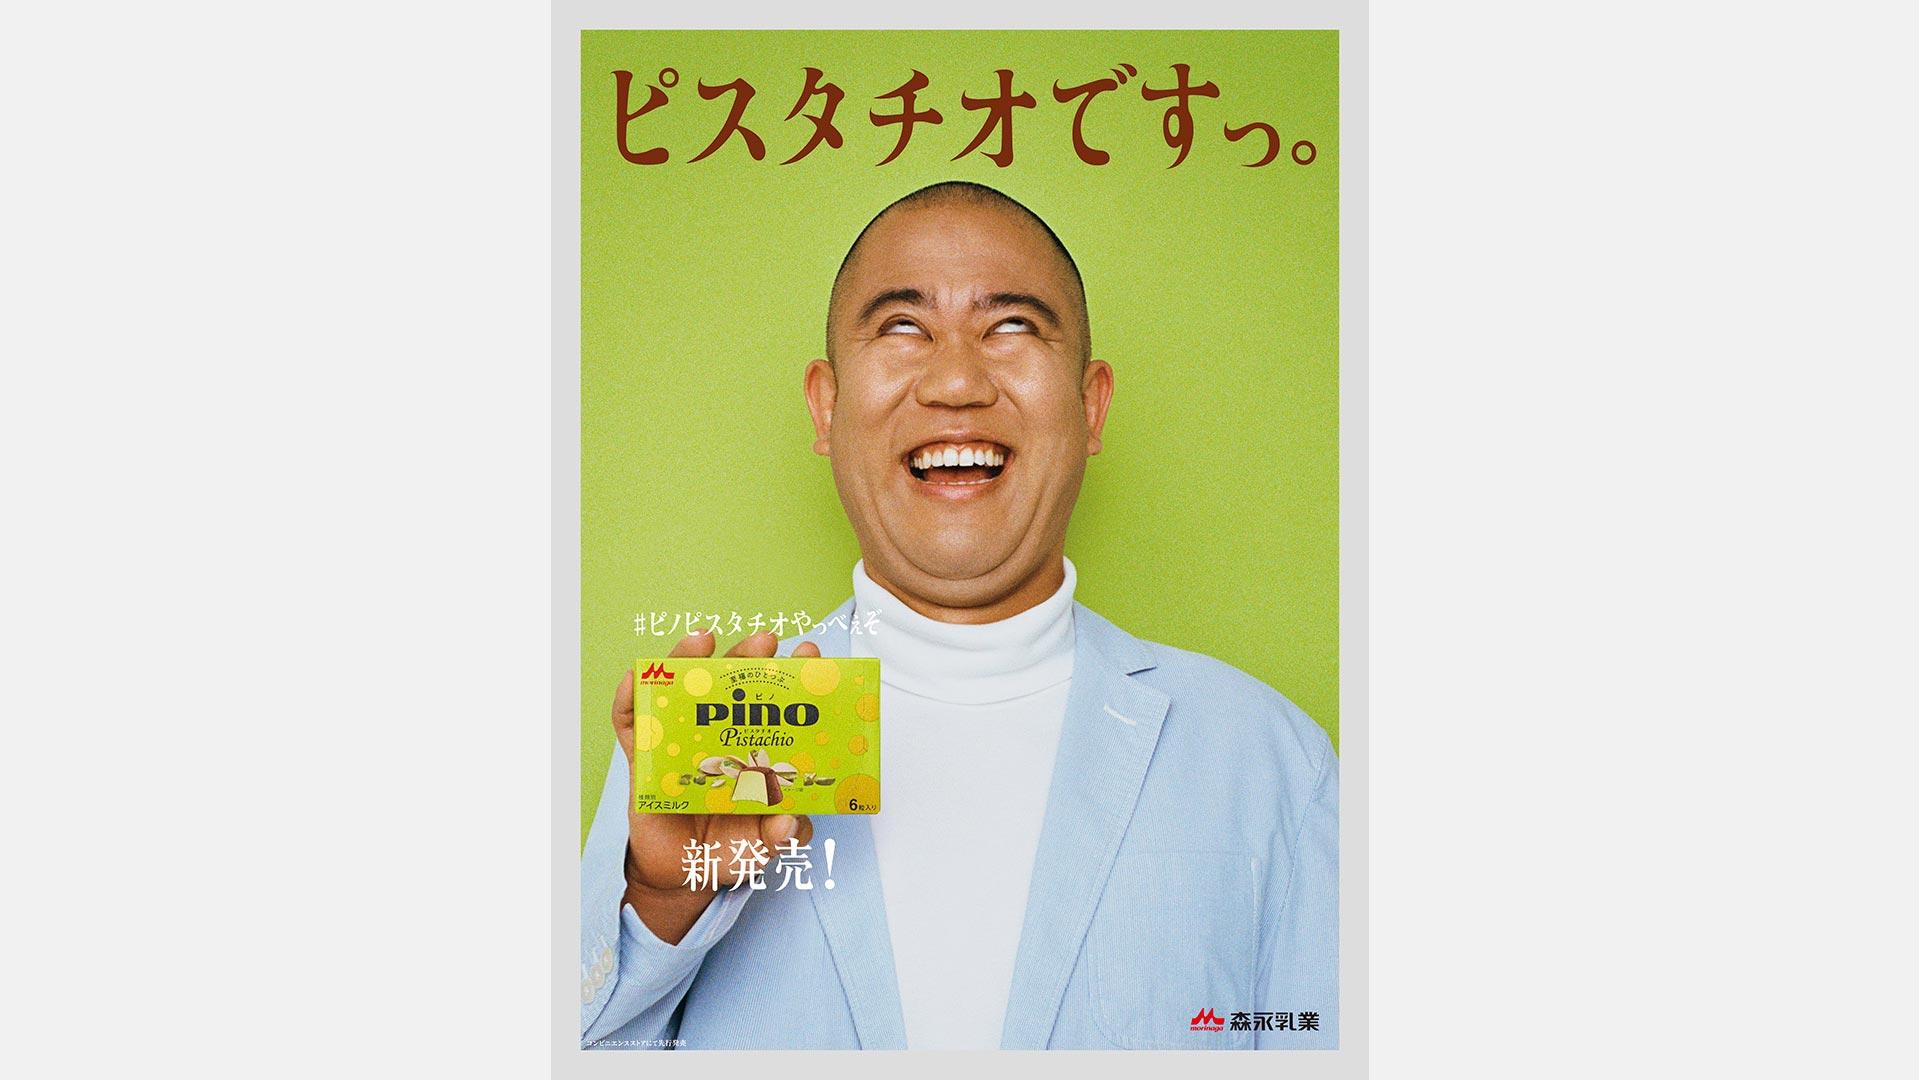 森永乳業 pino 「#ピノピスタチオやっべぇぞ」 新聞広告